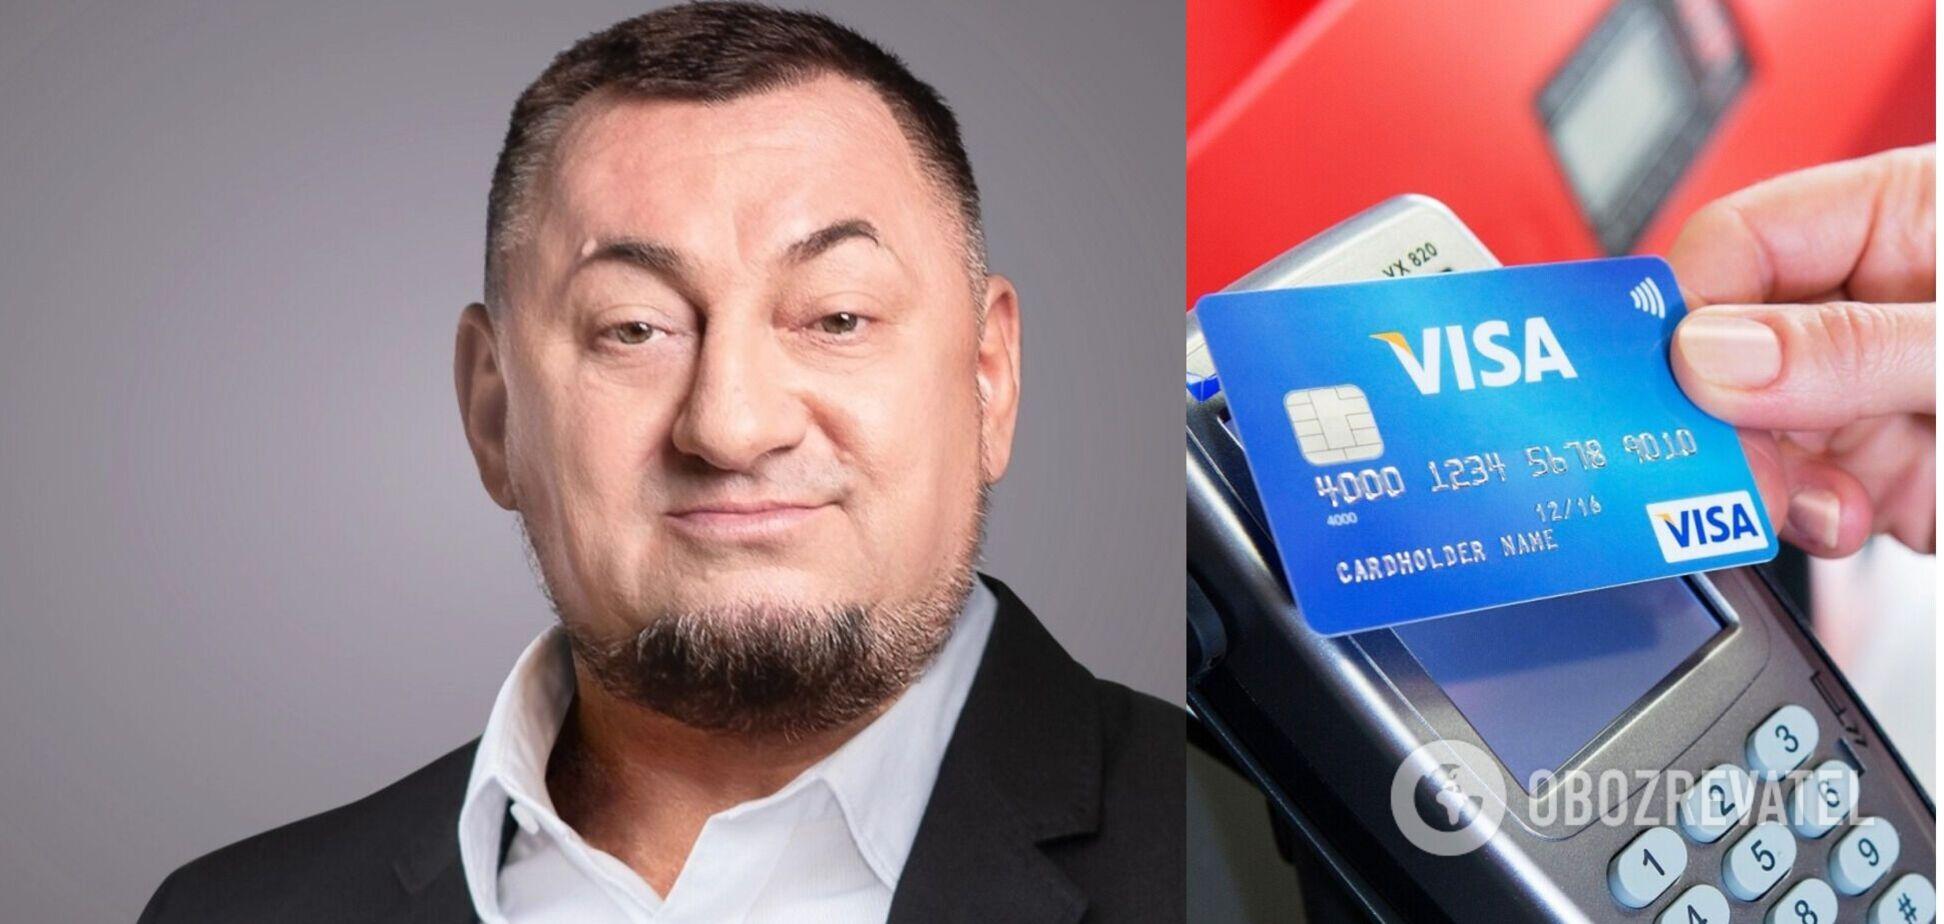 Герега 'случайно' не поддержал снижение банковской комиссии в Украине? Не хватило одного голоса